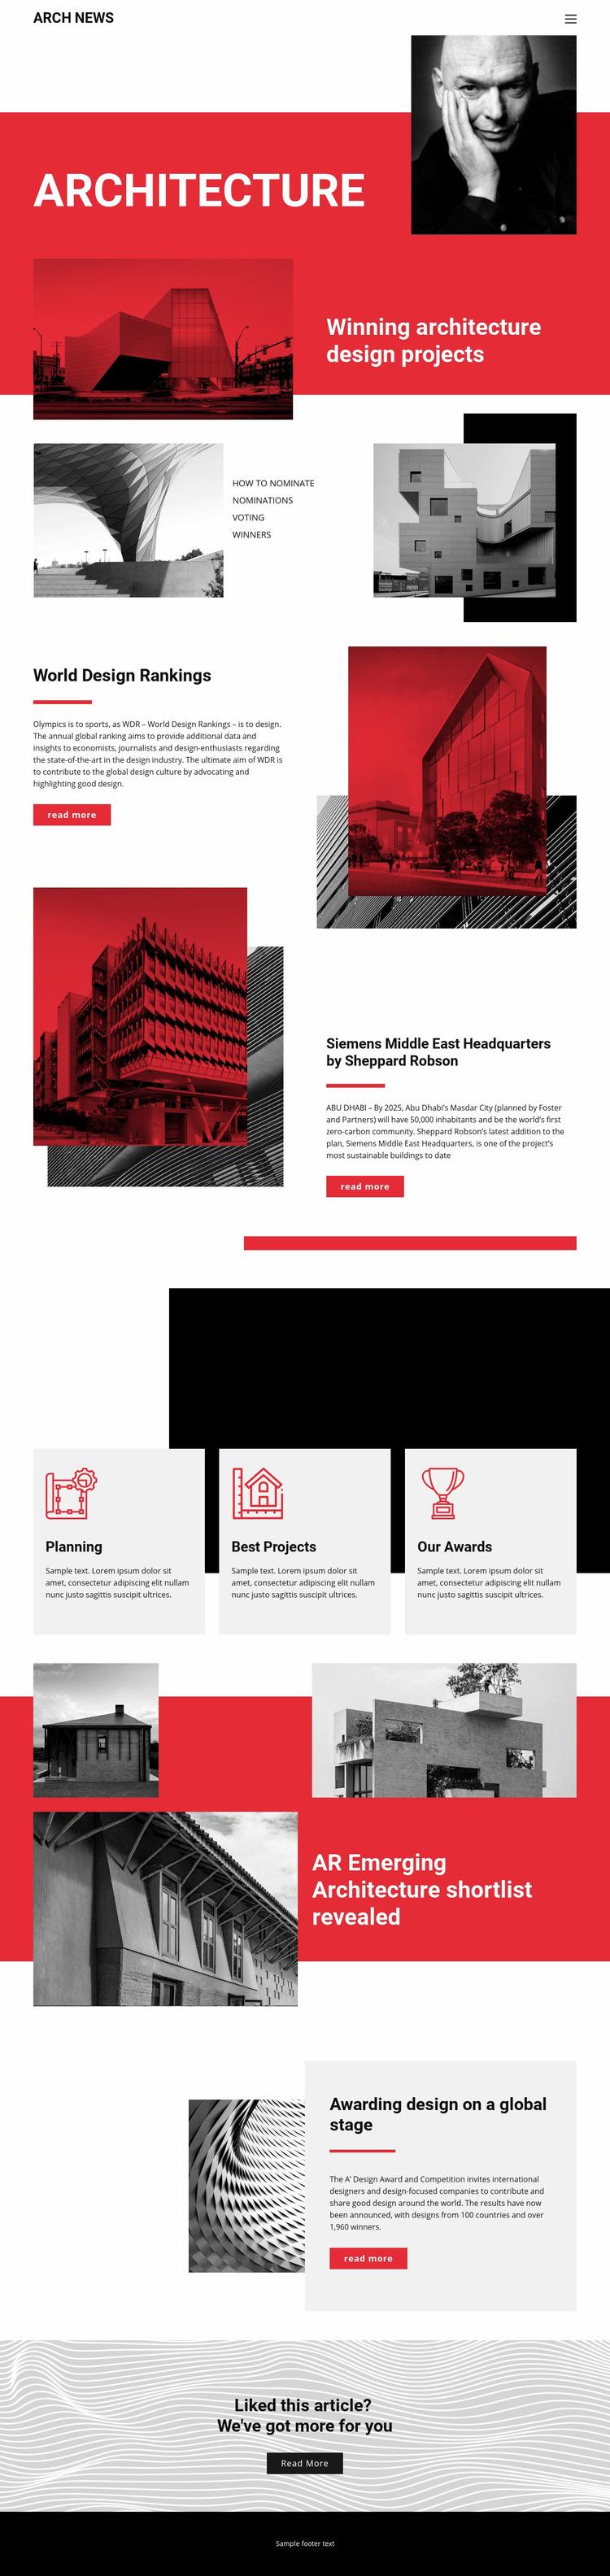 Design in architecture Web Page Design